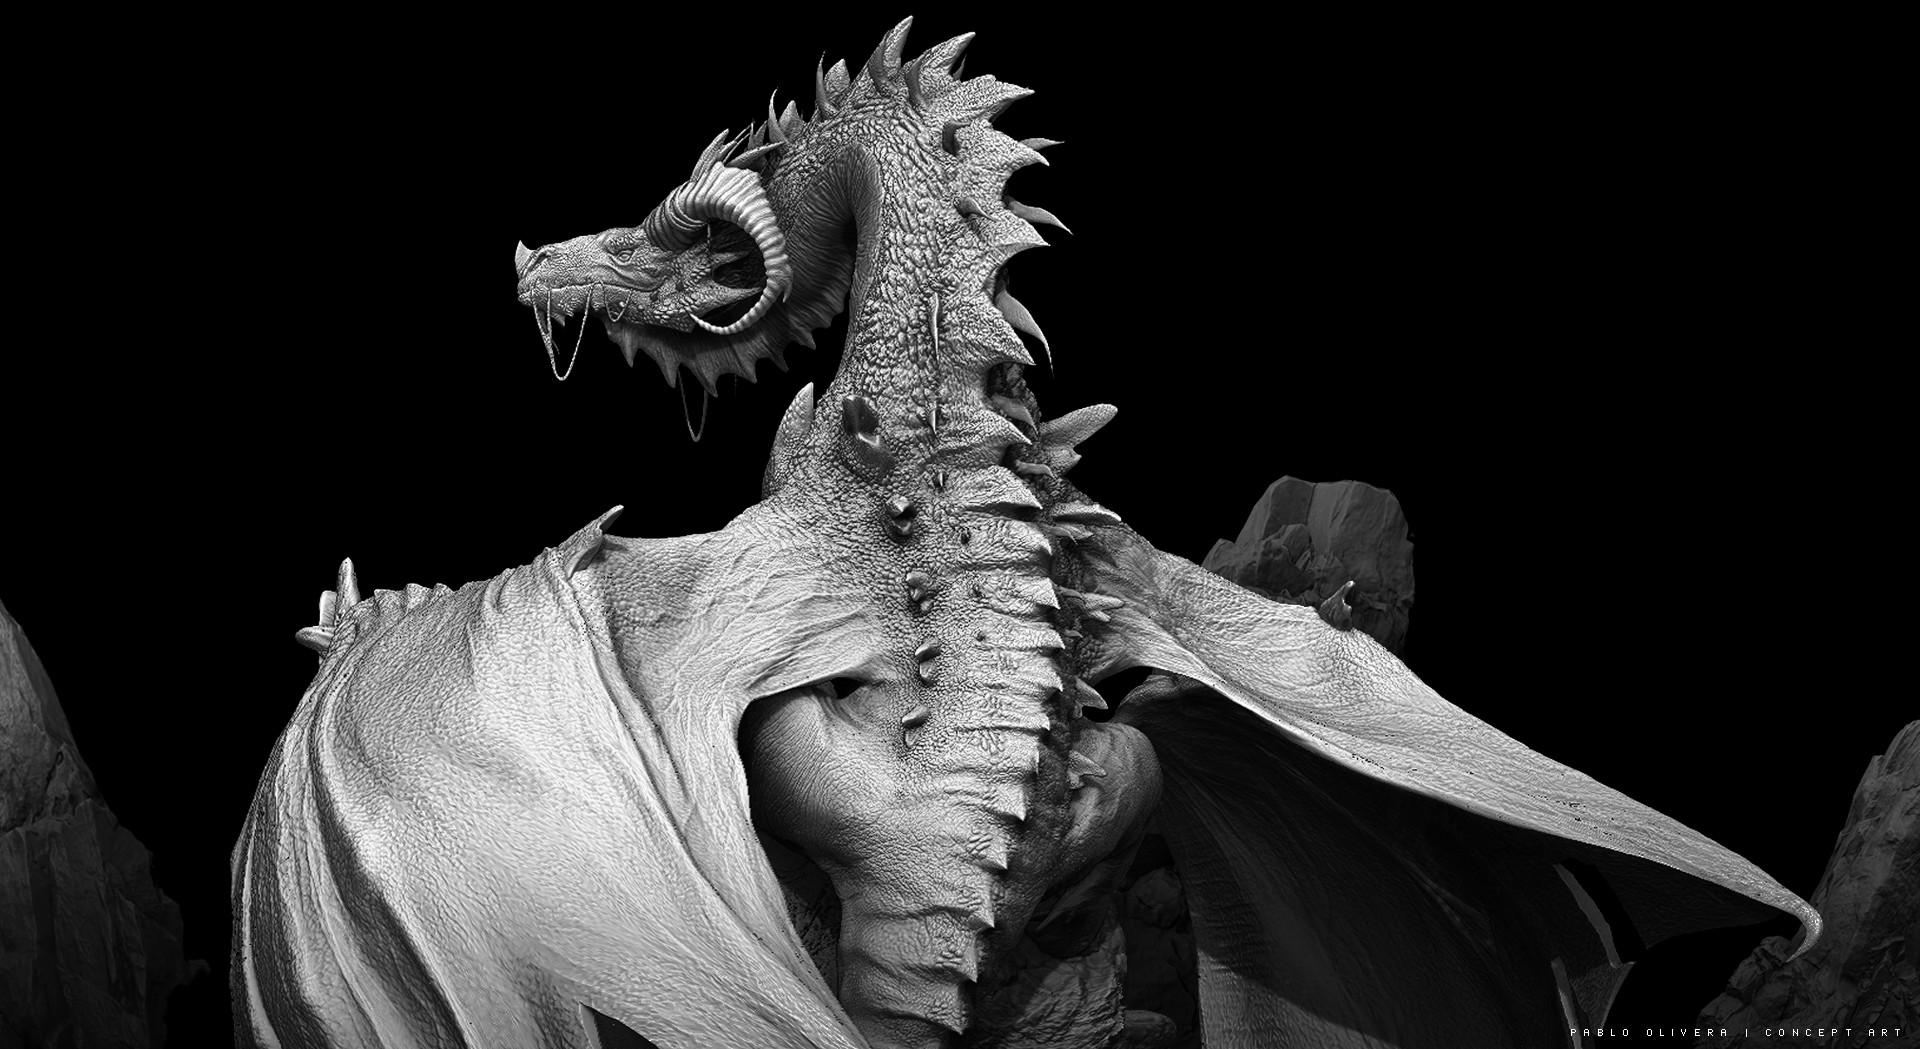 Pablo olivera dragones wacom zbrush 14